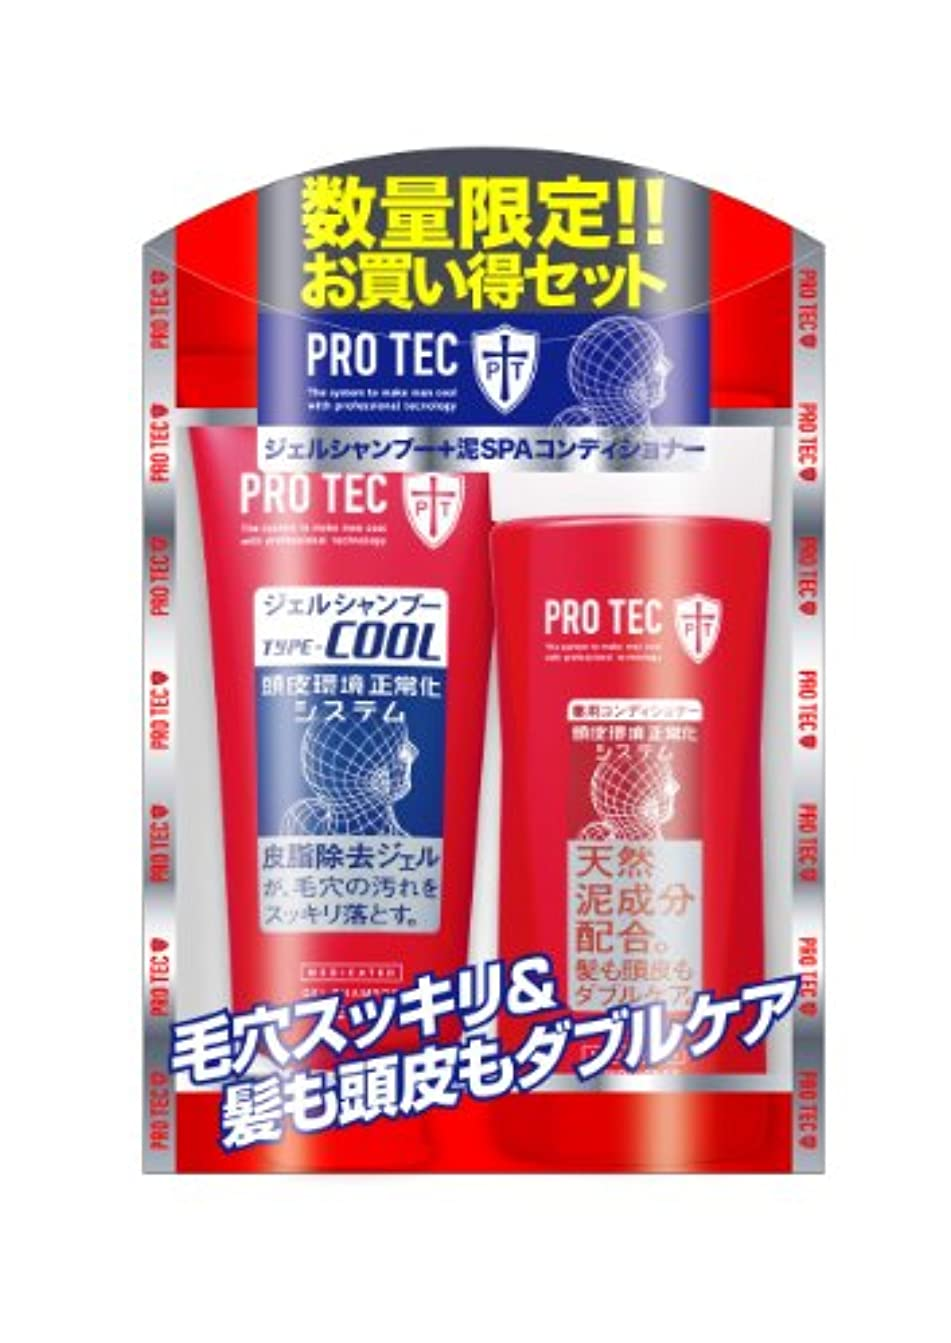 ロケットフライカイト黒板PRO TEC ジェルシャンプーTYPE-COOL+泥SPAコンディショナー限定セット